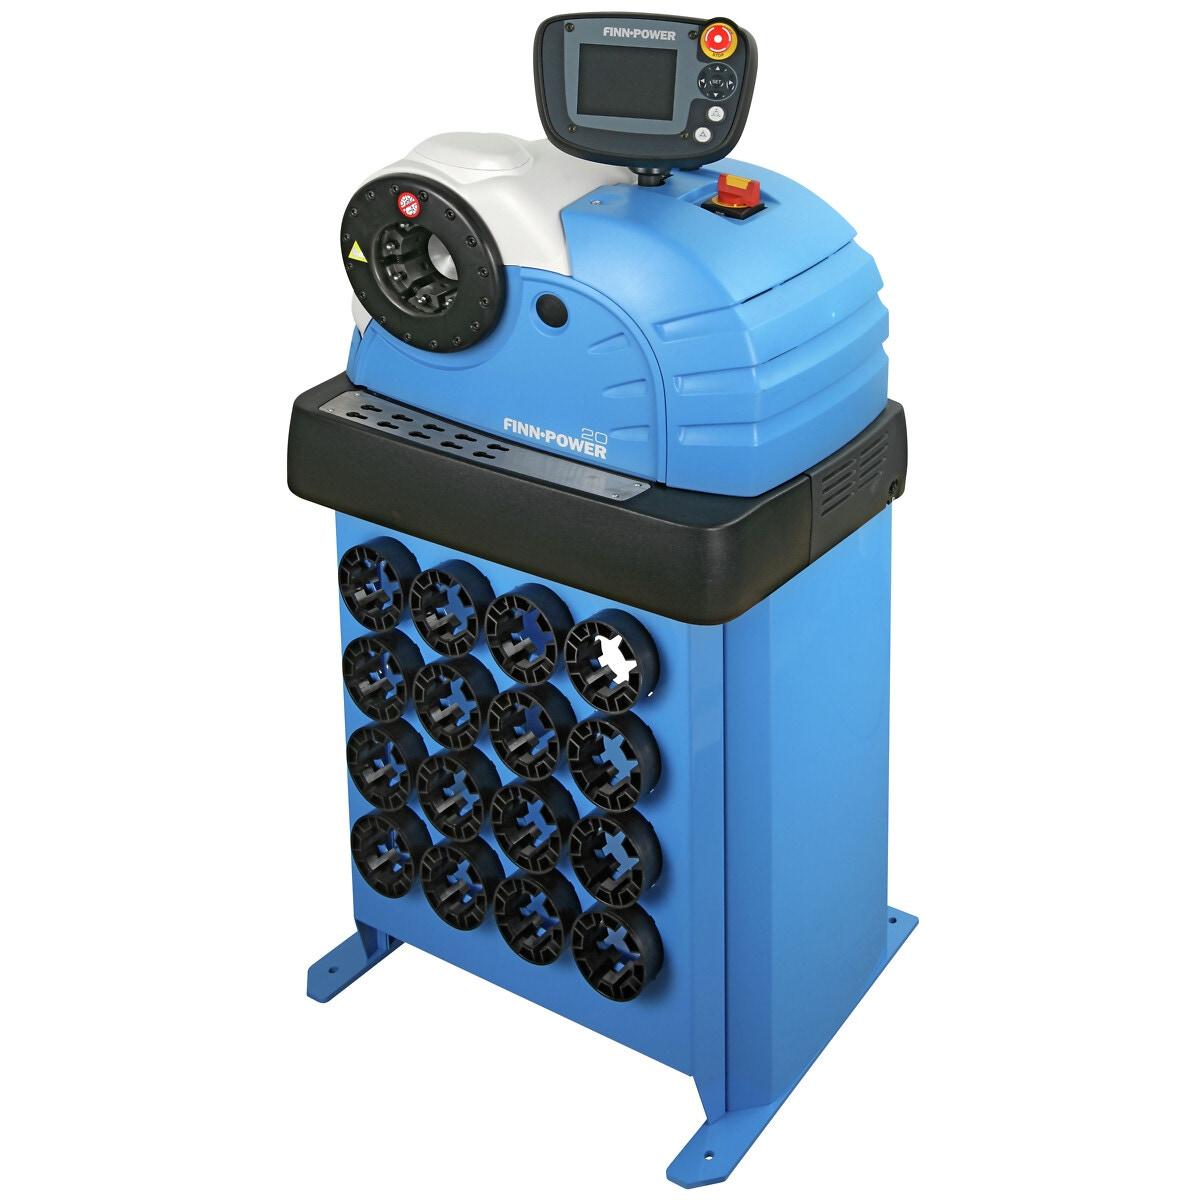 HOSE GRIMPING MACHINE 20 HOSE MAX 1 1/2 3KW 3-PH